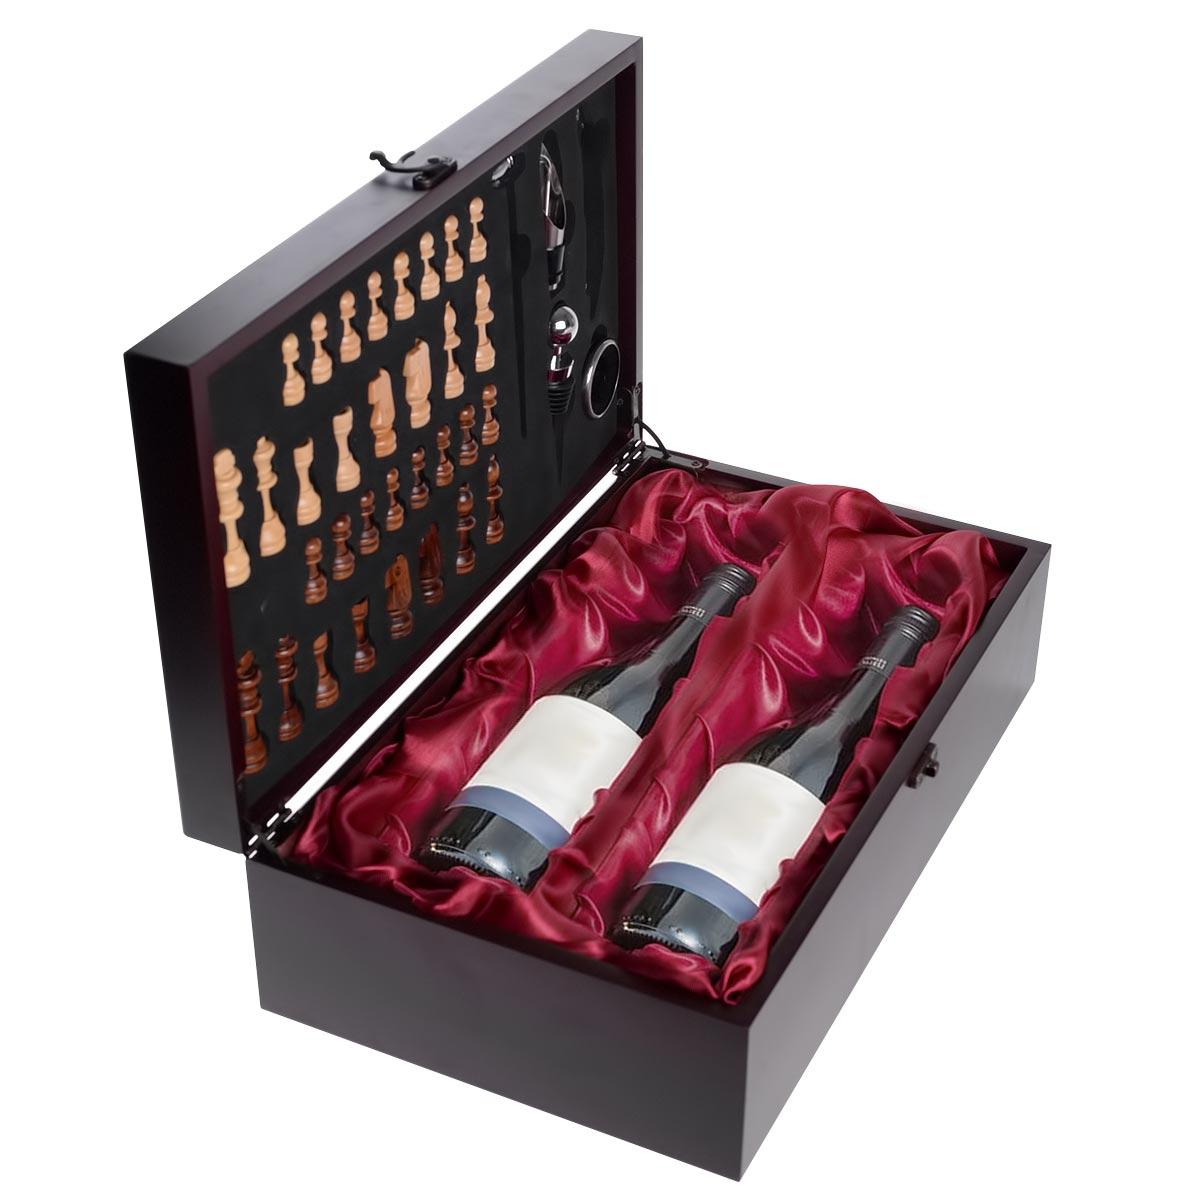 Ξύλινη πολυτελής βαλίτσα με σετ κρασιού 5 τεμαχίων και σκάκι - 1252 33555